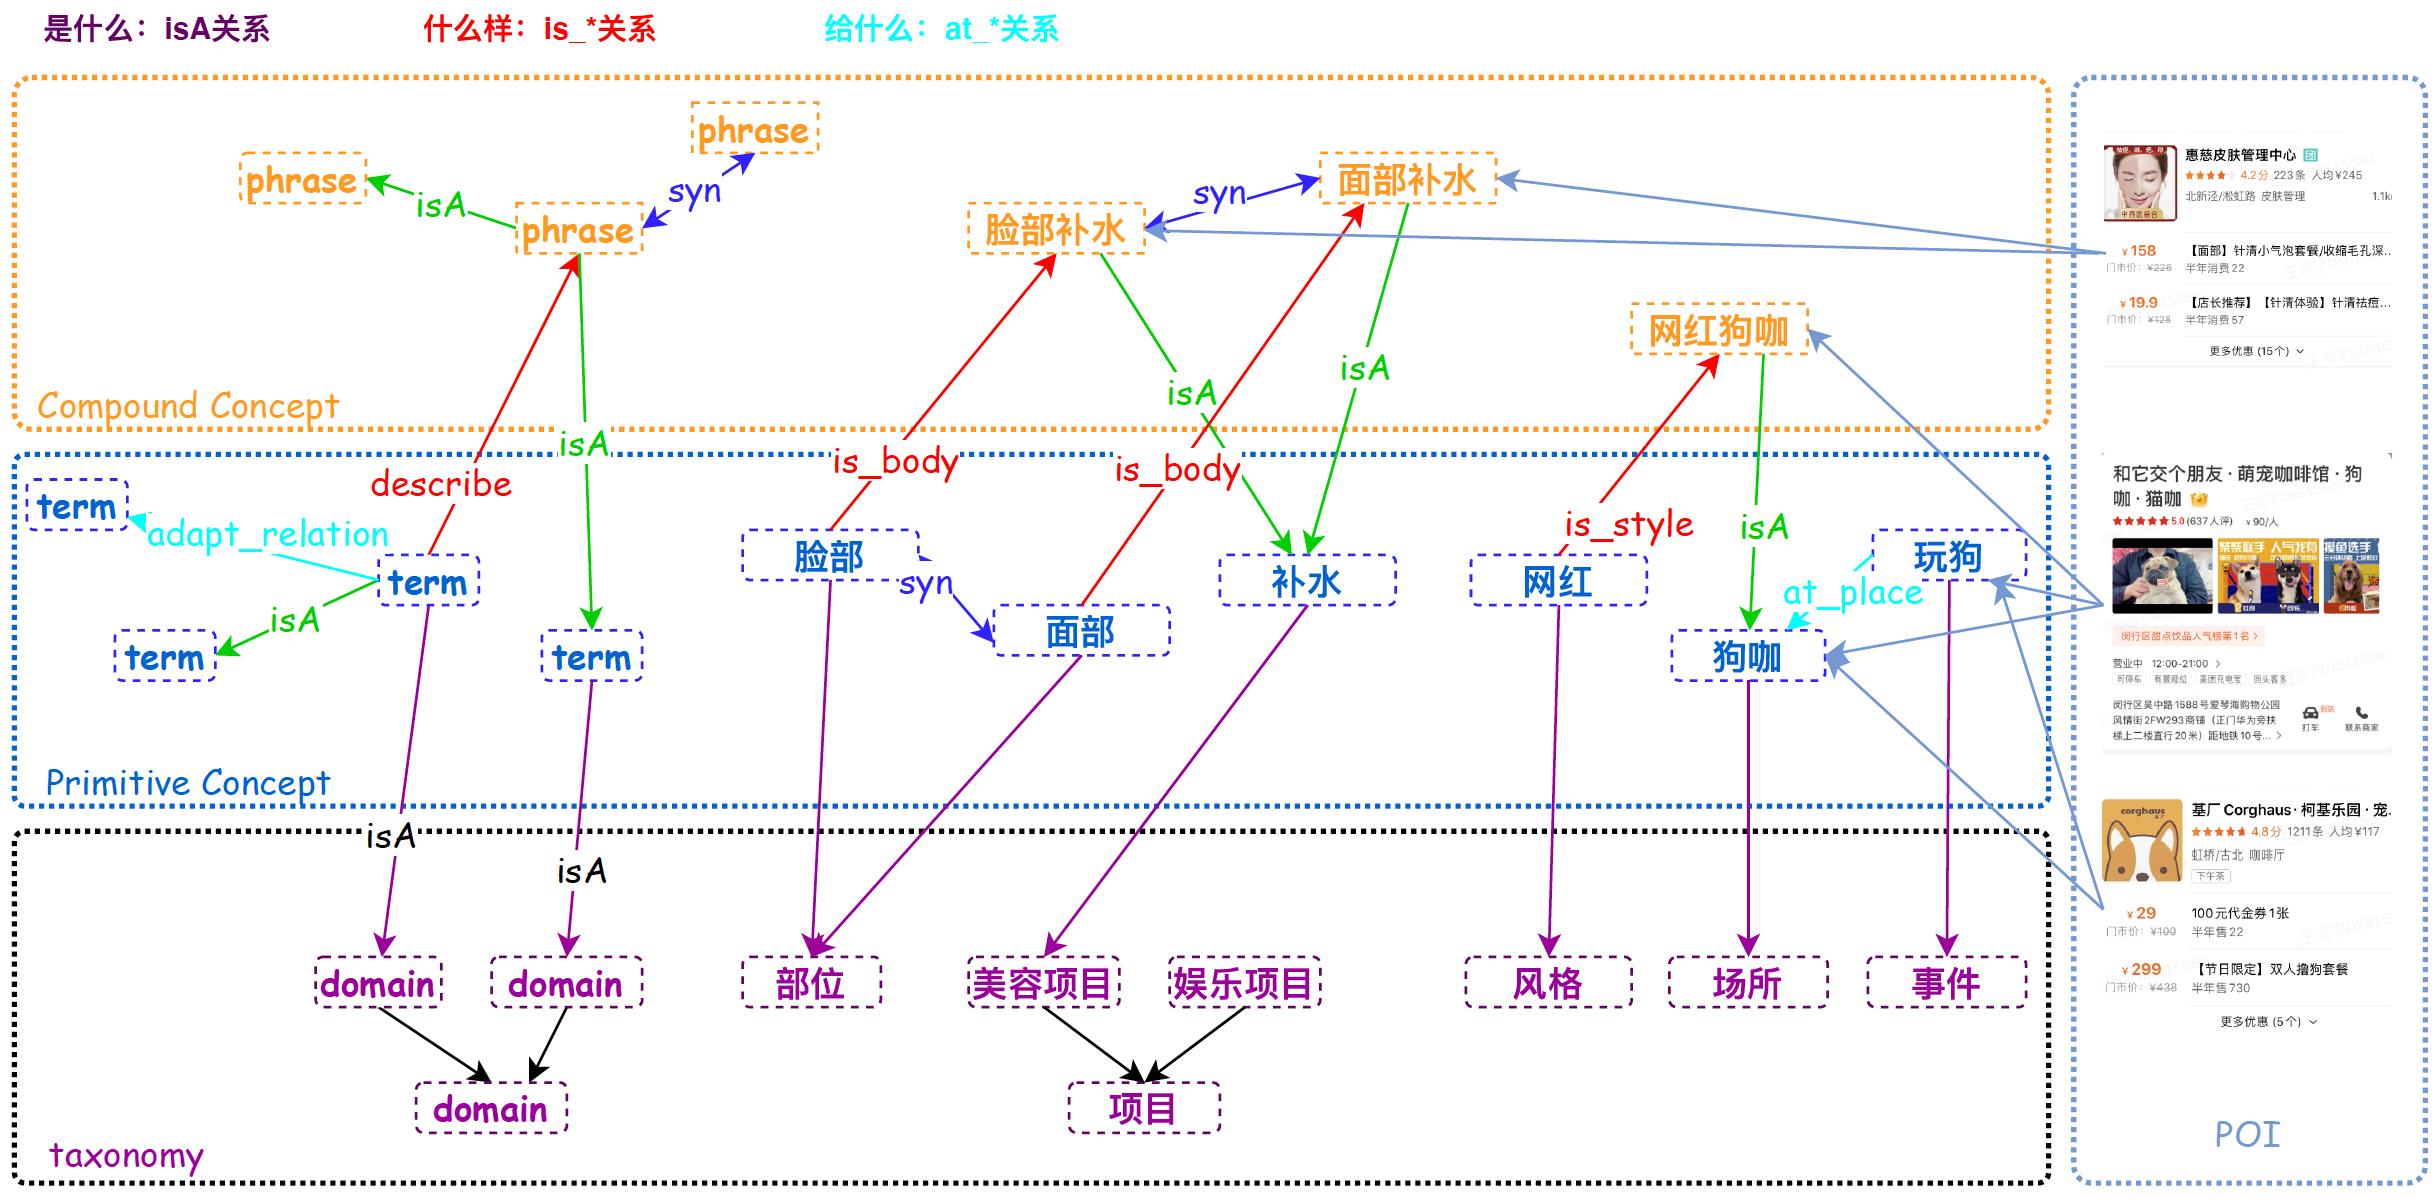 图2 常识性概念图谱关系